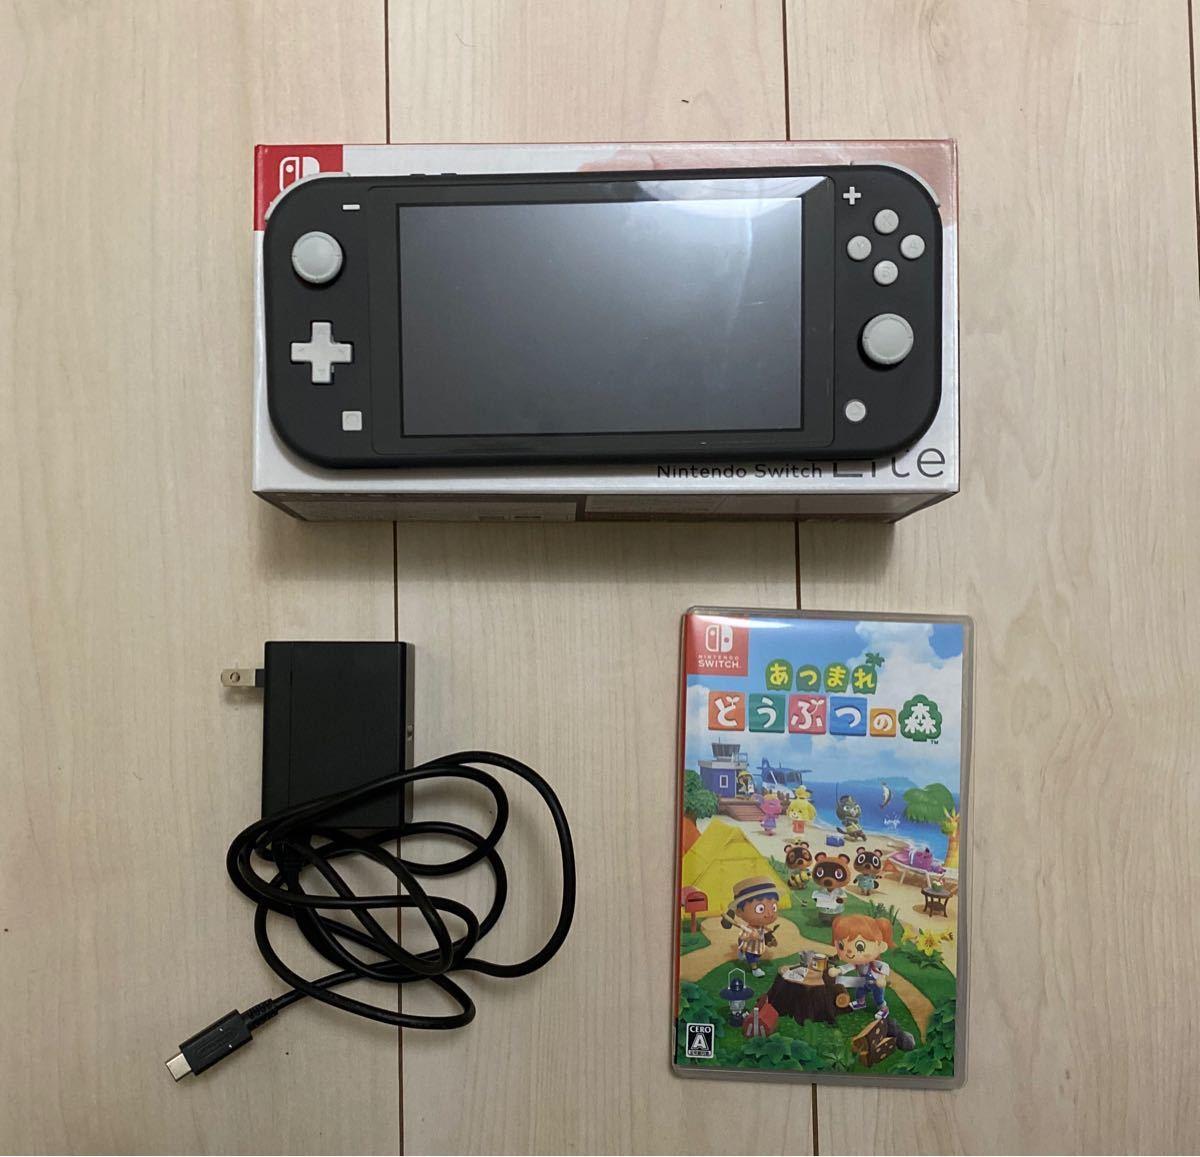 【最終価格】あつまれどうぶつの森 Nintendo Switch liteセット